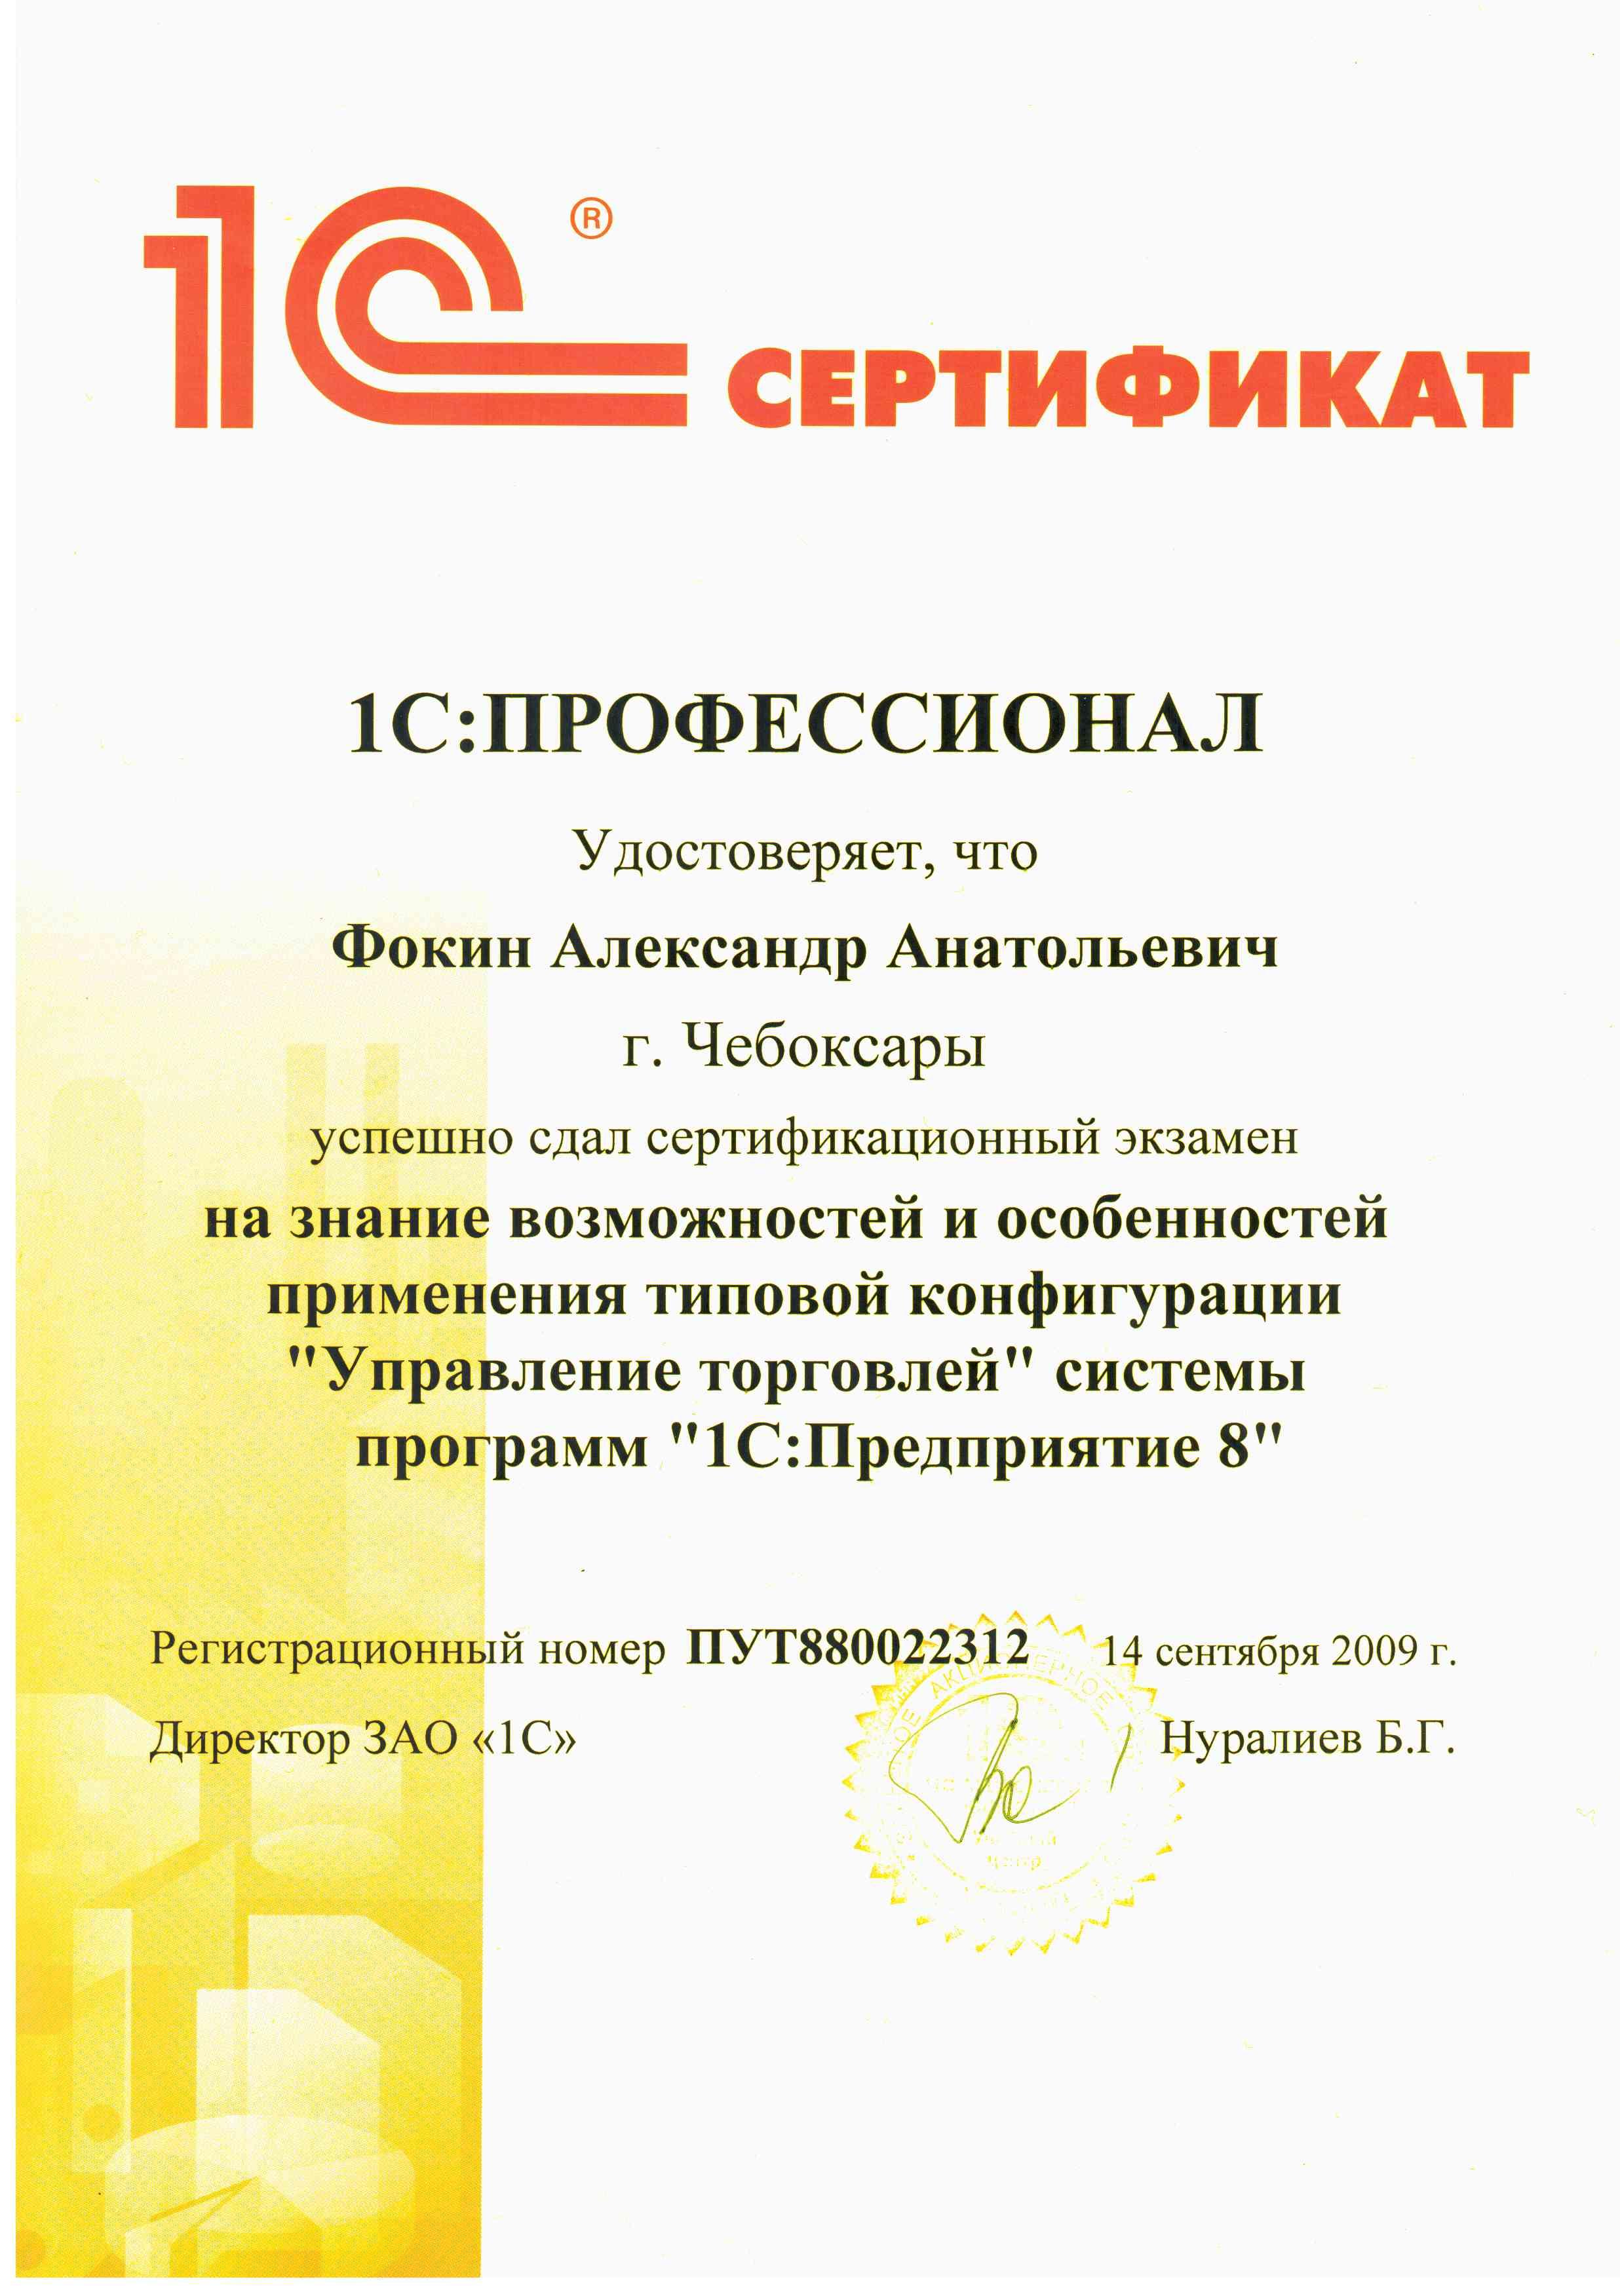 Сертификат профессионала 1С УТ